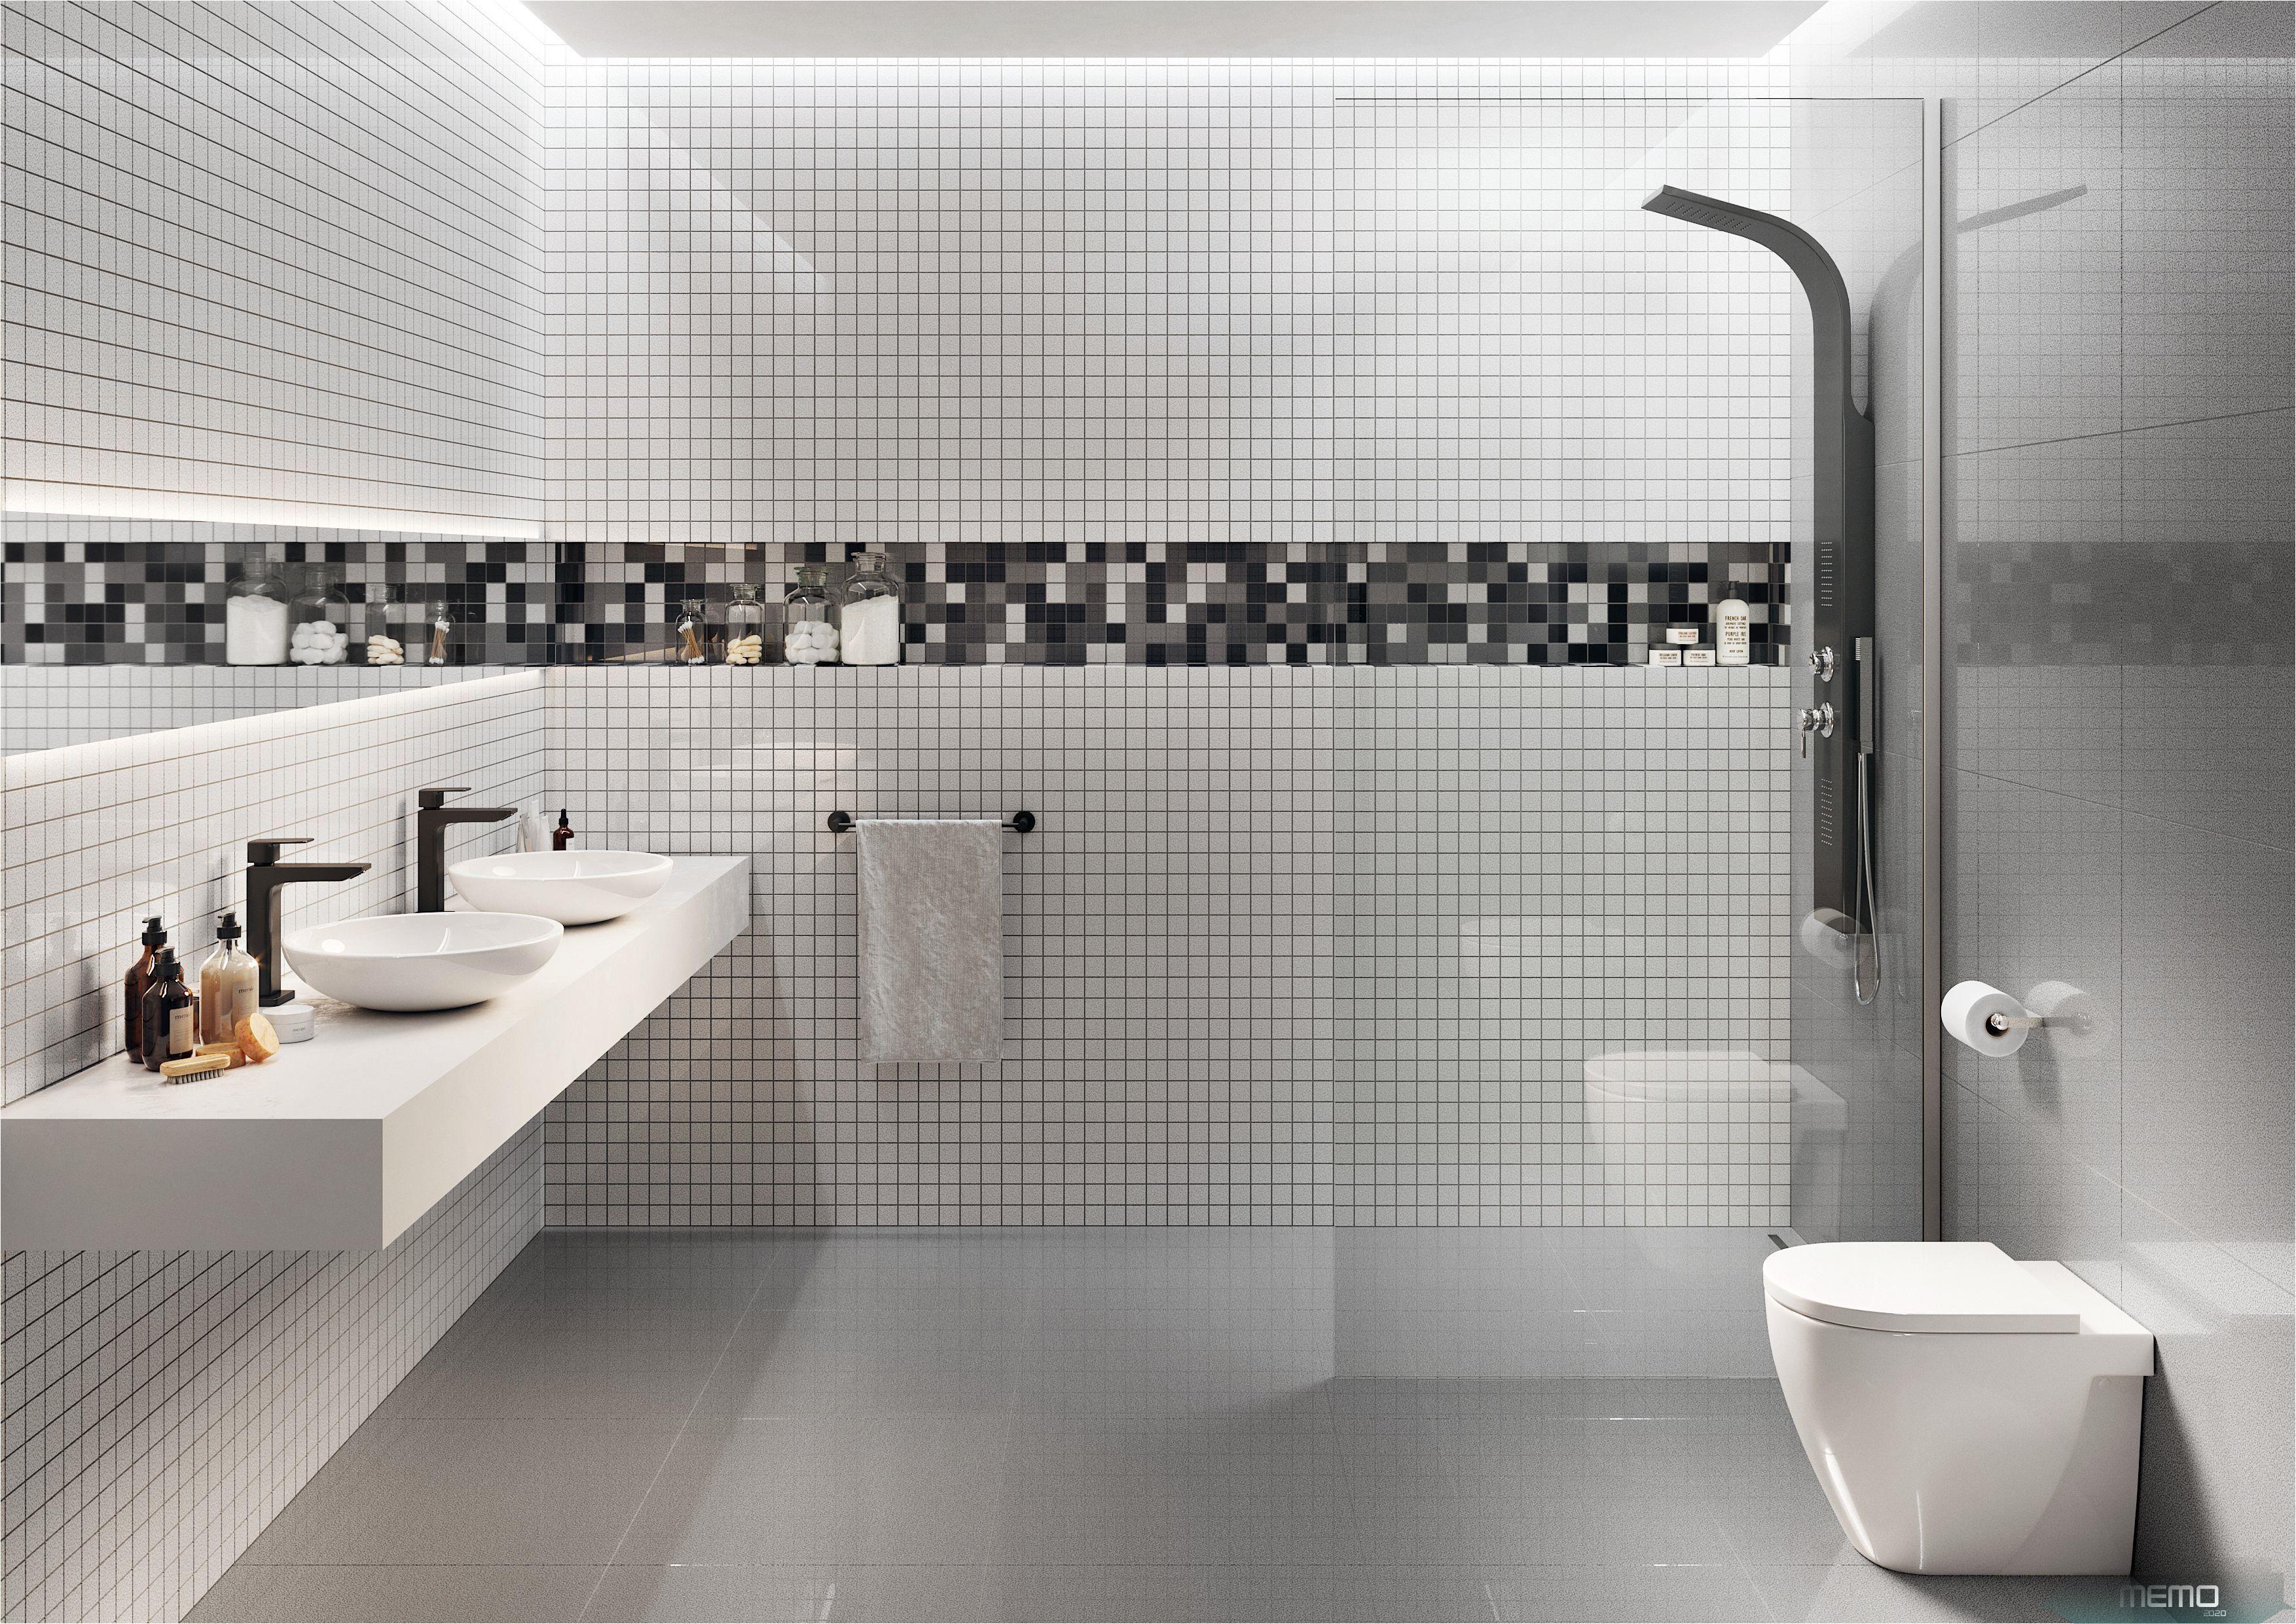 10 02 2018 Dein Badezimmer Neu Gestalten Sichere Dir Jetzt Scha Ne Badezimmer Ideen Badezimmerfliese Bade In 2020 Round Mirror Bathroom Bathroom Mirror Bathroom